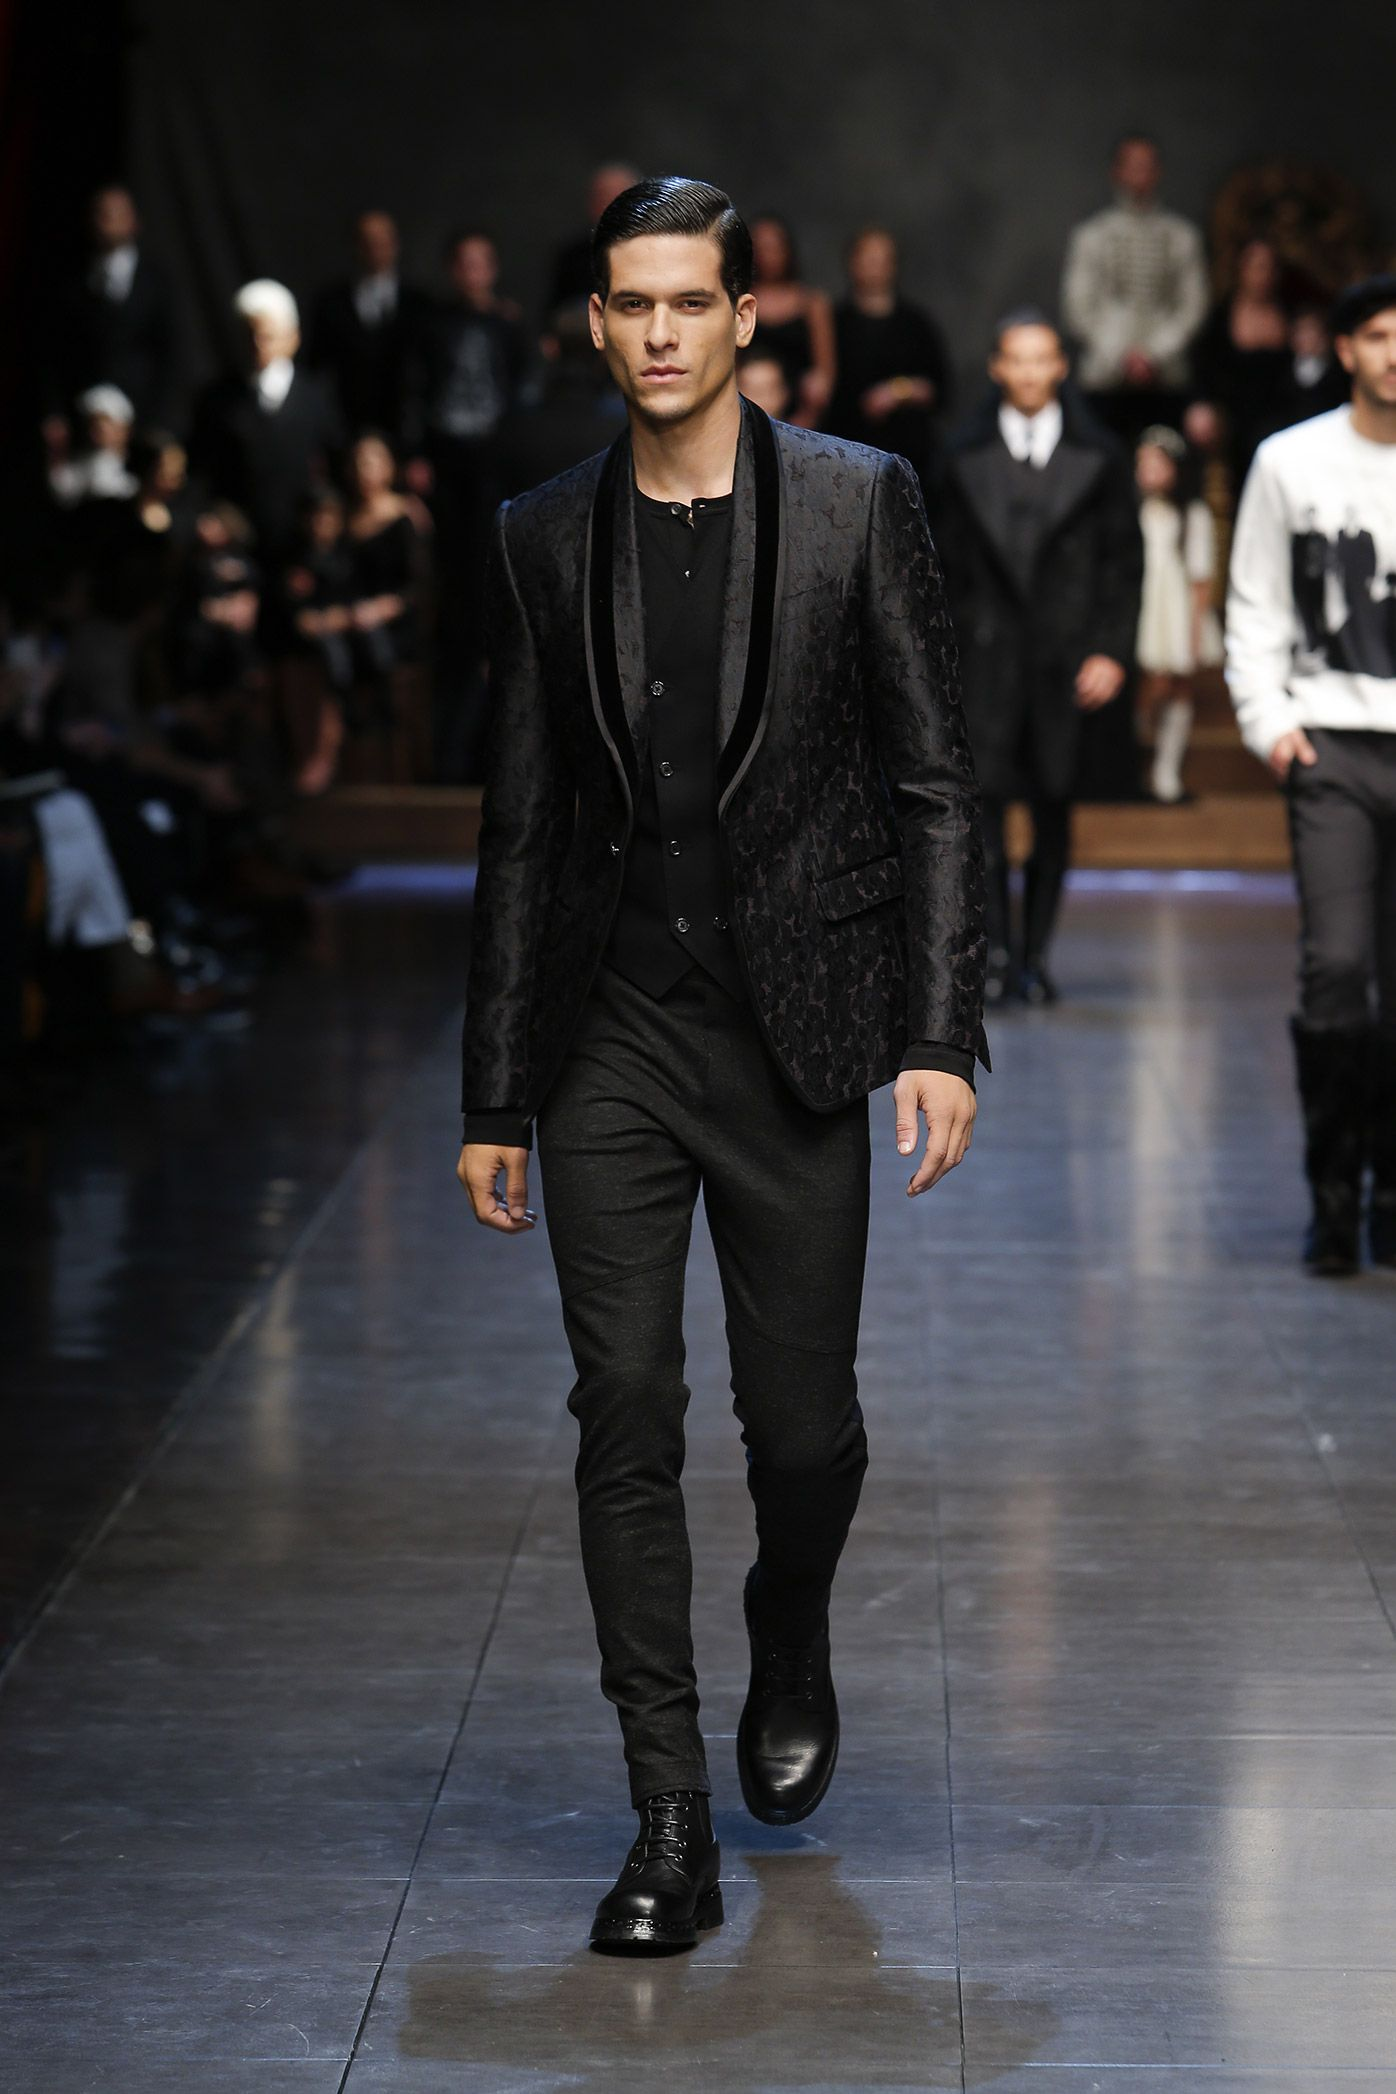 dolce-and-gabbana-winter-2016-man-fashion-show-runway-17 541efa95d18